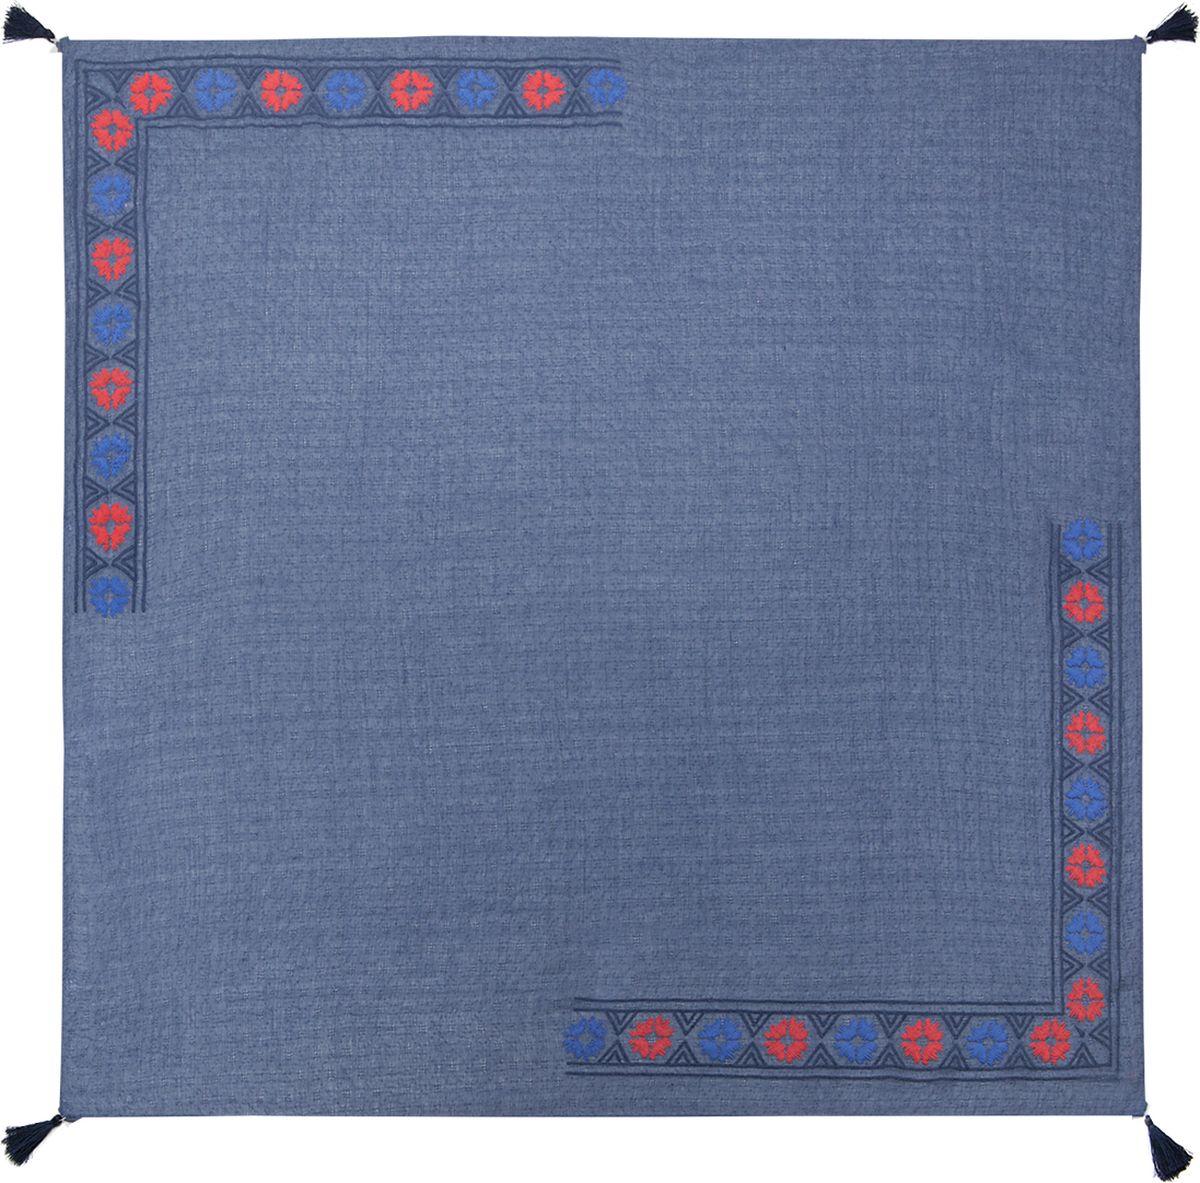 Платок женский Labbra, цвет: синий. LG20-580. Размер 90 см х 90 смLG20-580Платок Labbra, выполненный из хлопка и ткани тенсель, идеально дополнит образ современной женщины. Модель оформлена принтом. Изделие украшено декоративными кисточками. Классическая квадратная форма позволяет носить платок на шее, украшать им прическу или декорировать сумочку. С таким замечательным аксессуаром вы всегда будете выглядеть женственной и привлекательной.